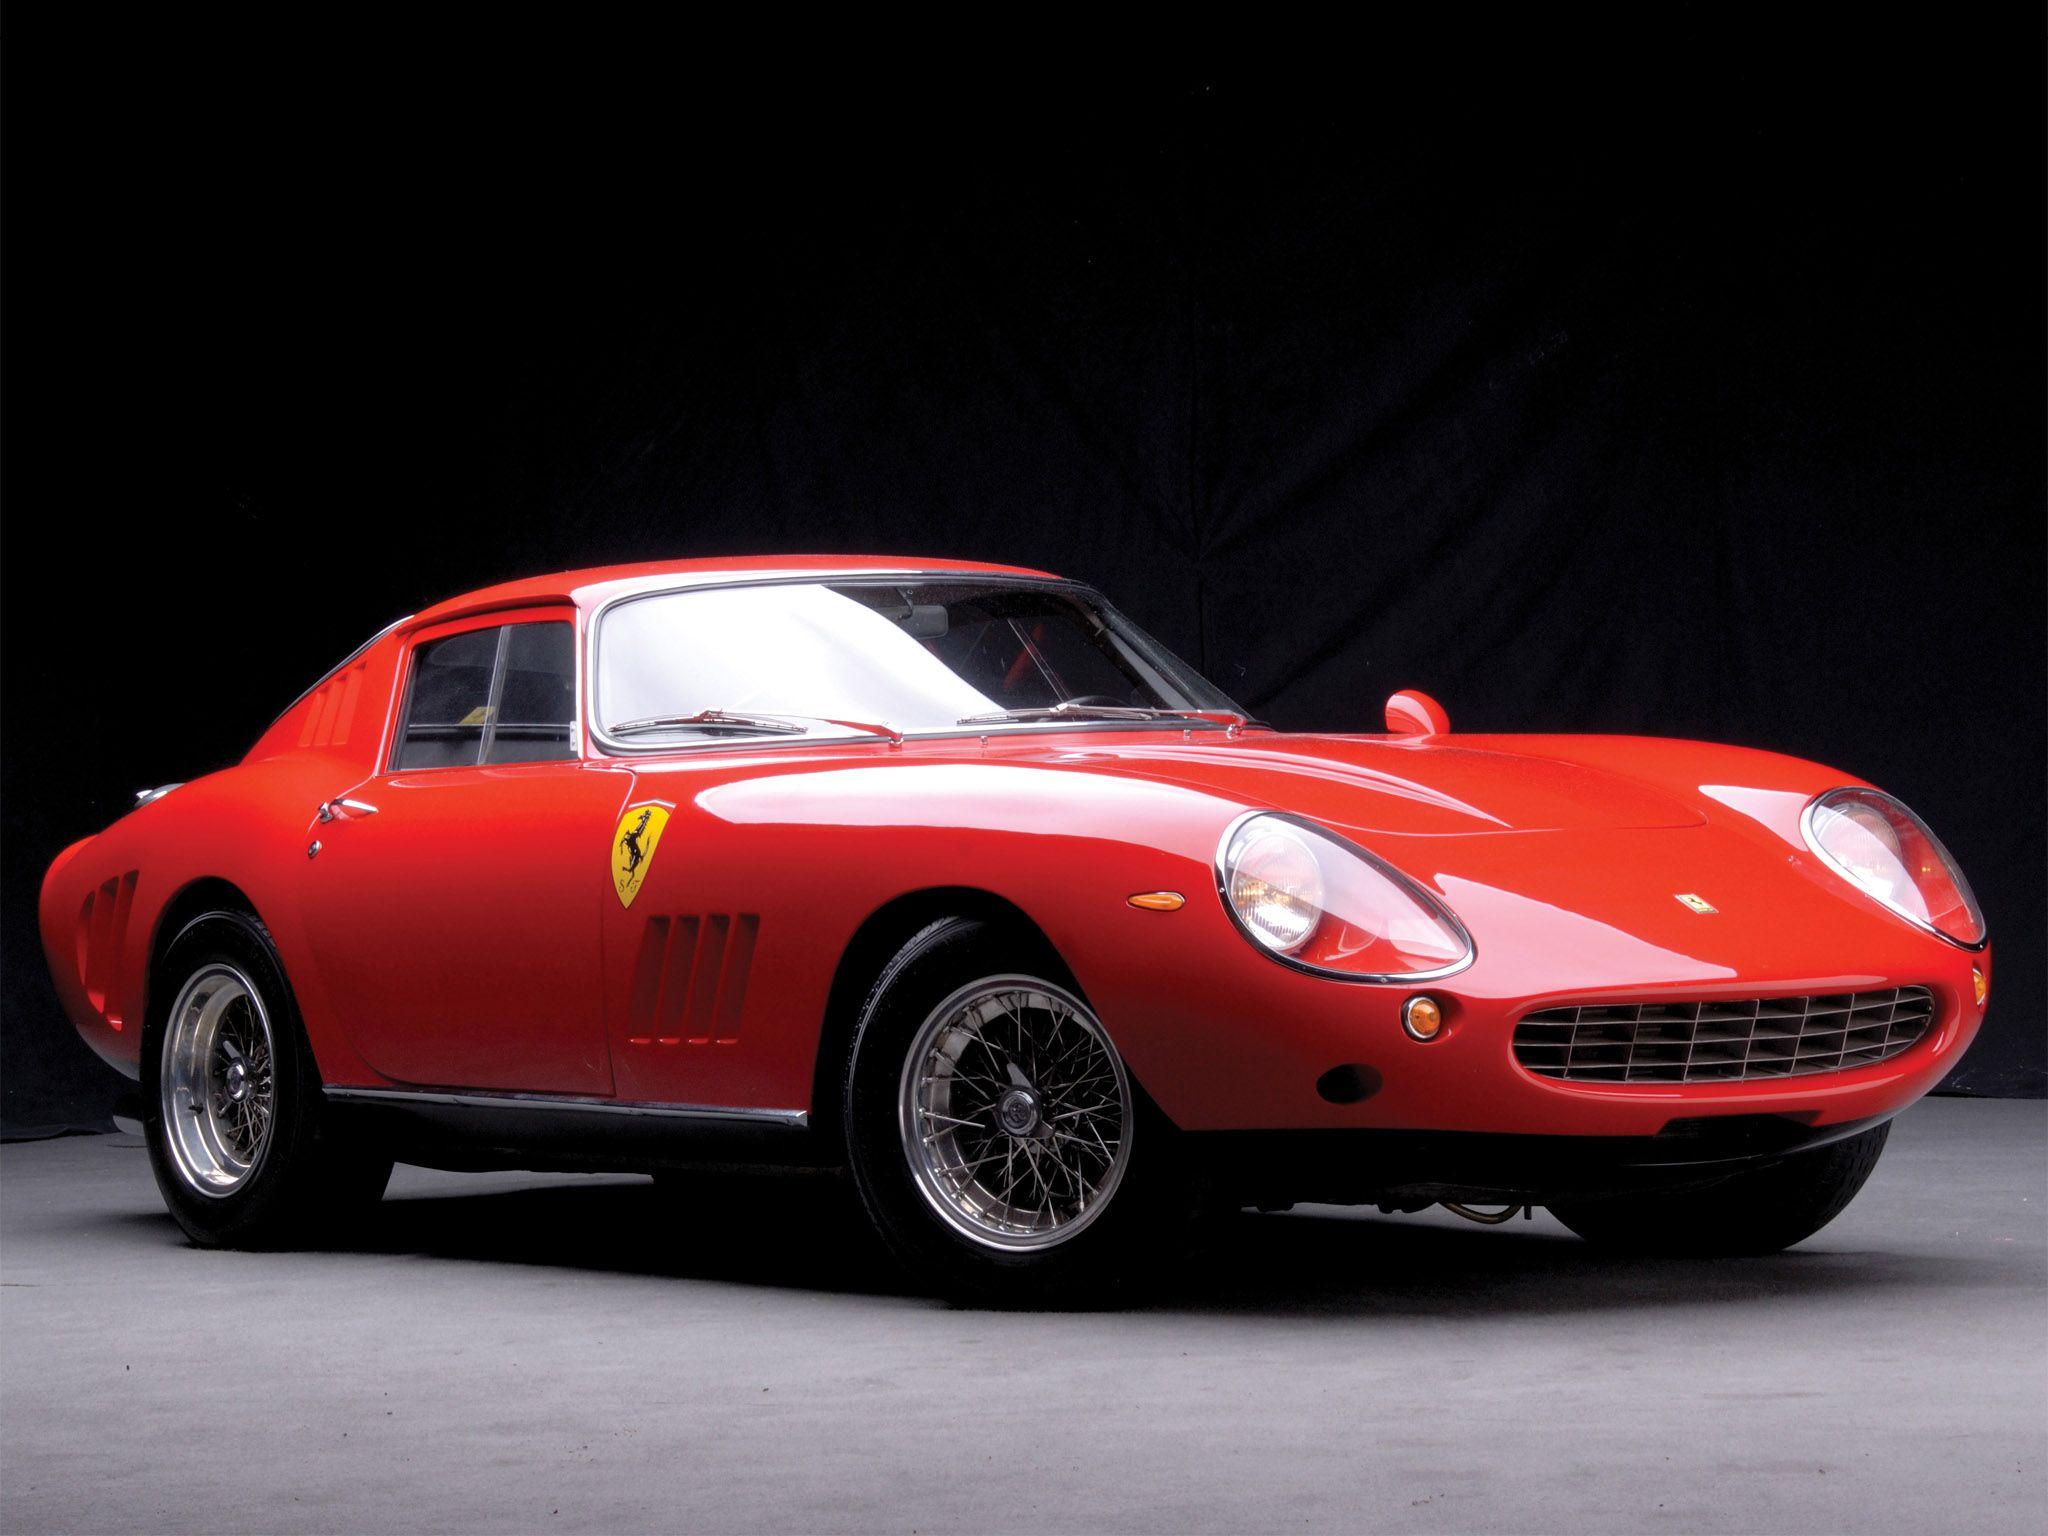 N.A.R.T Ferrari 275 GTB/4 Spider at 2013 RM Auctions Monterey